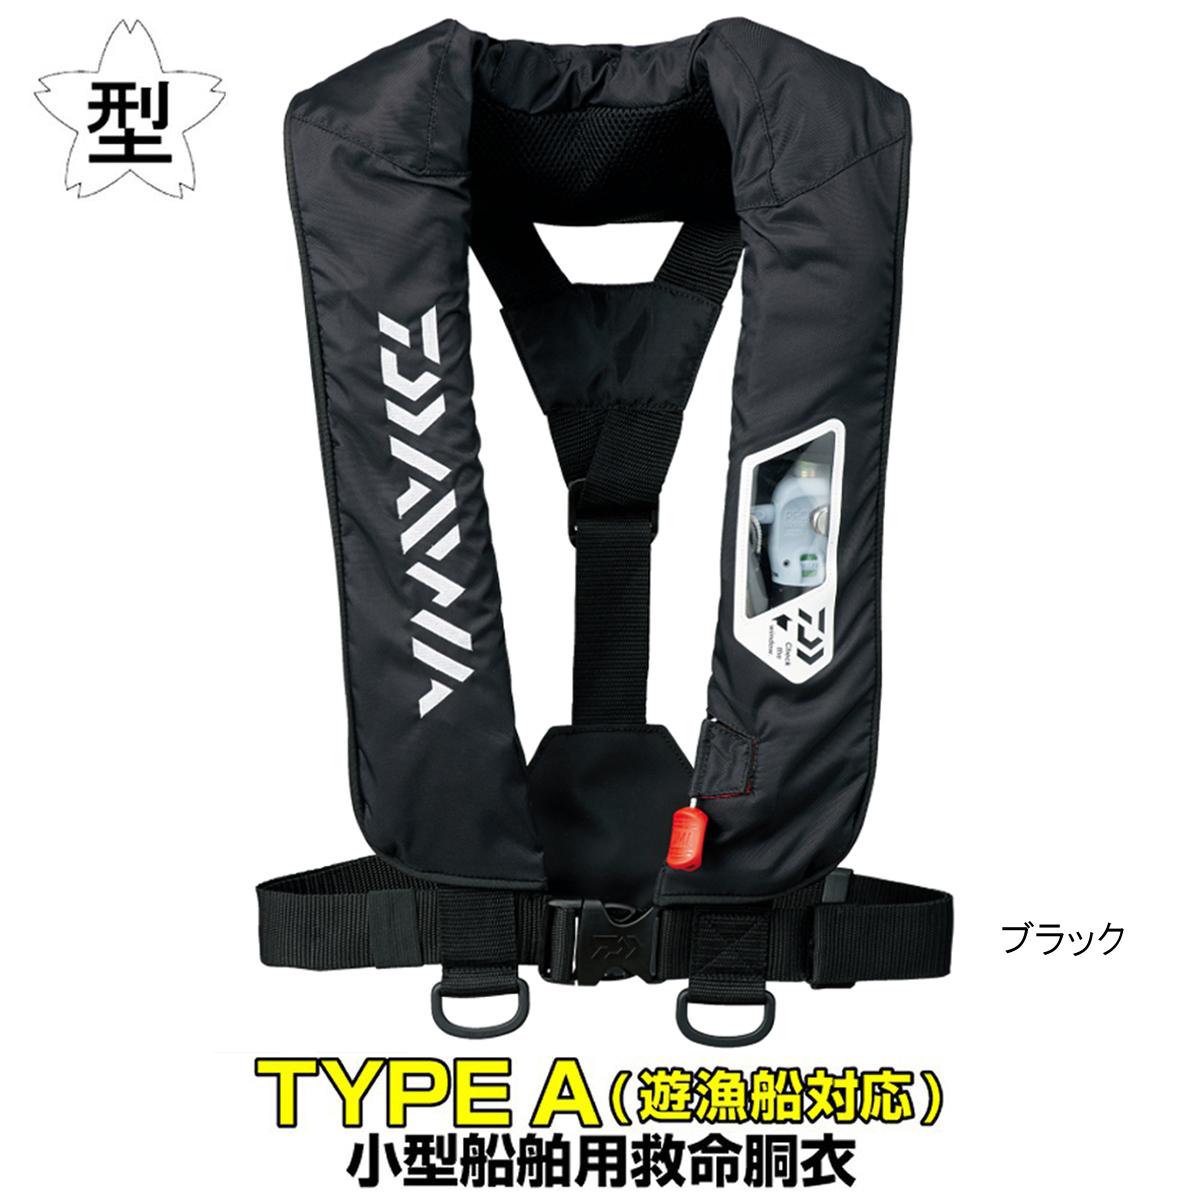 ダイワ ウォッシャブルライフジャケット(肩掛けタイプ手動・自動膨脹式) DF-2007 ブラック ※遊漁船対応(東日本店)